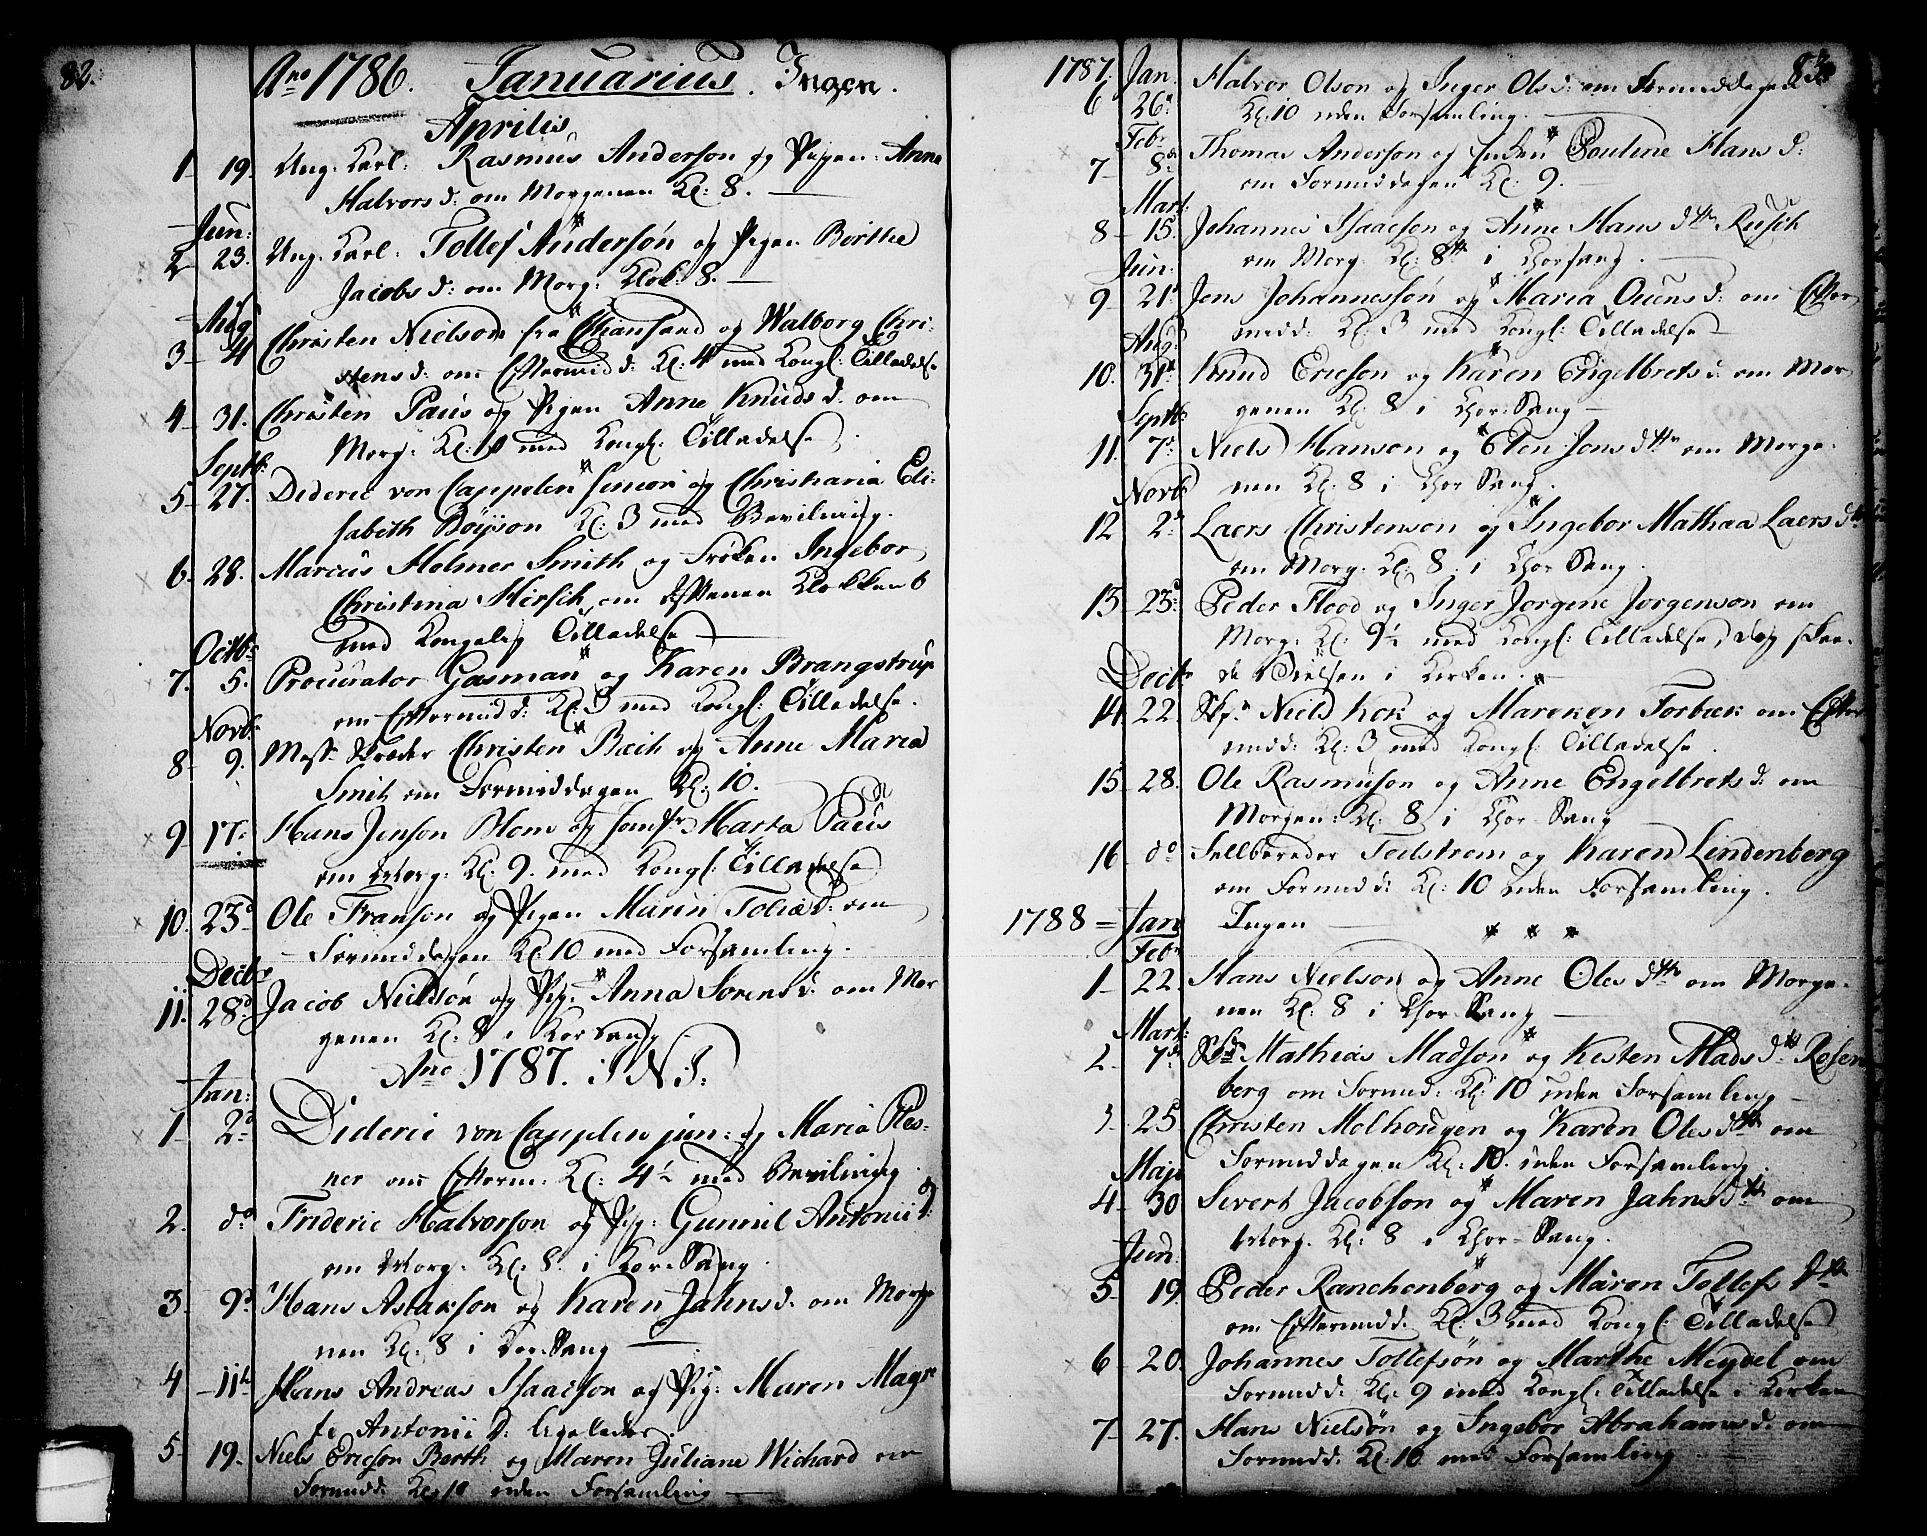 SAKO, Skien kirkebøker, F/Fa/L0003: Ministerialbok nr. 3, 1755-1791, s. 82-83